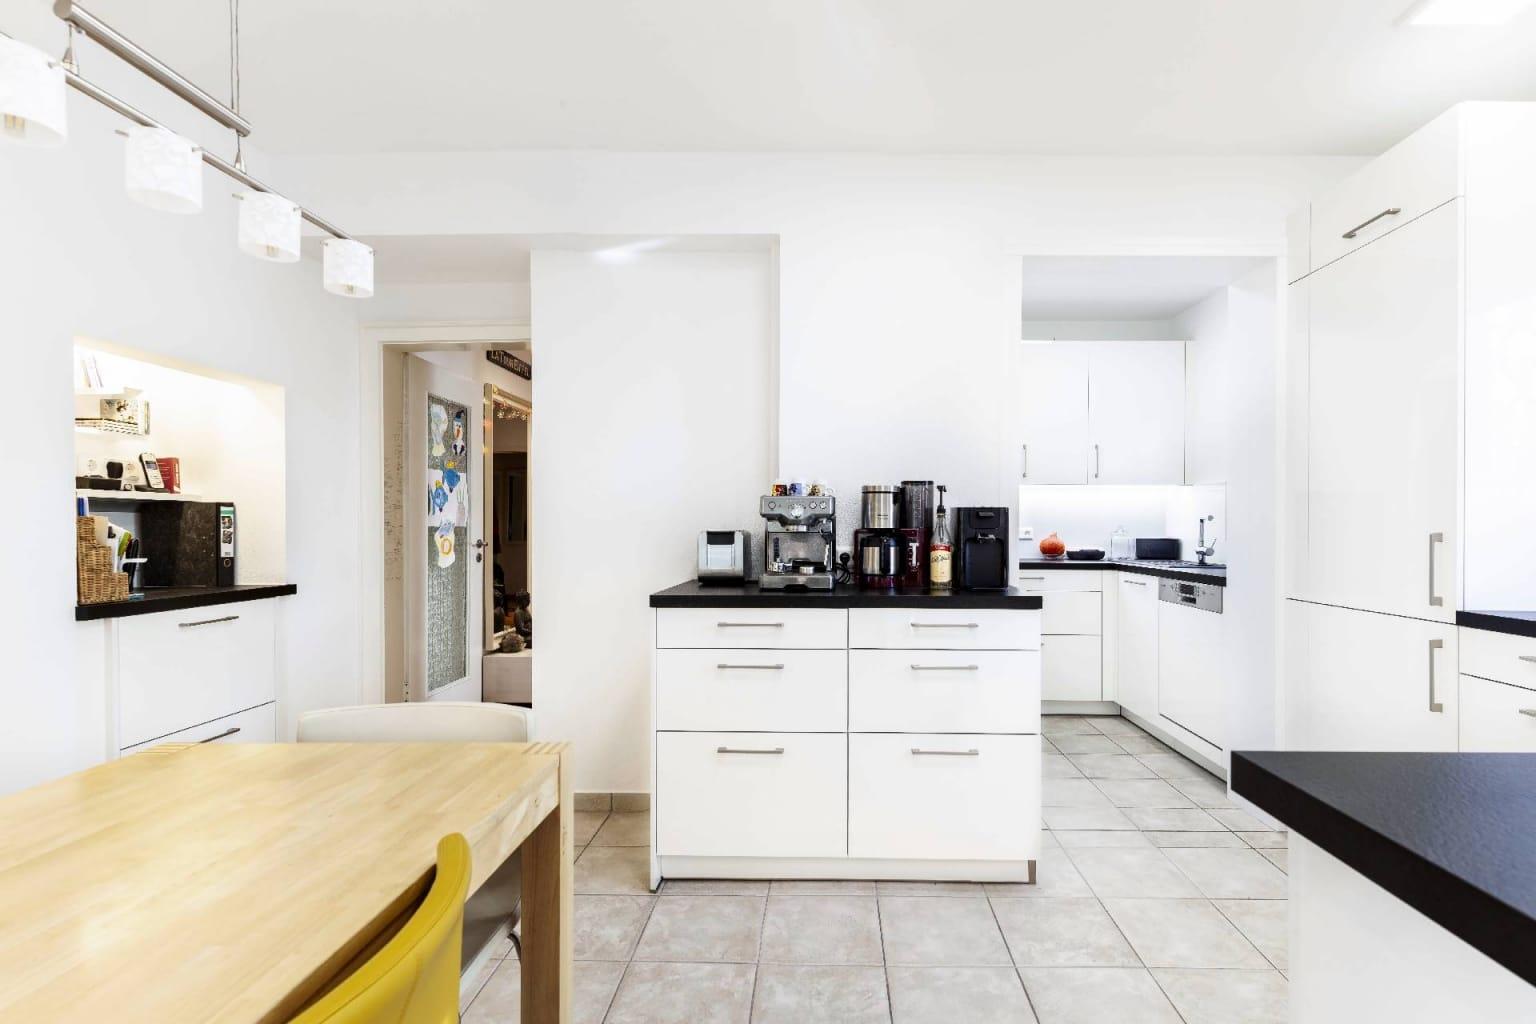 Mehrteilige Wohnküche in Hochglanz (3)